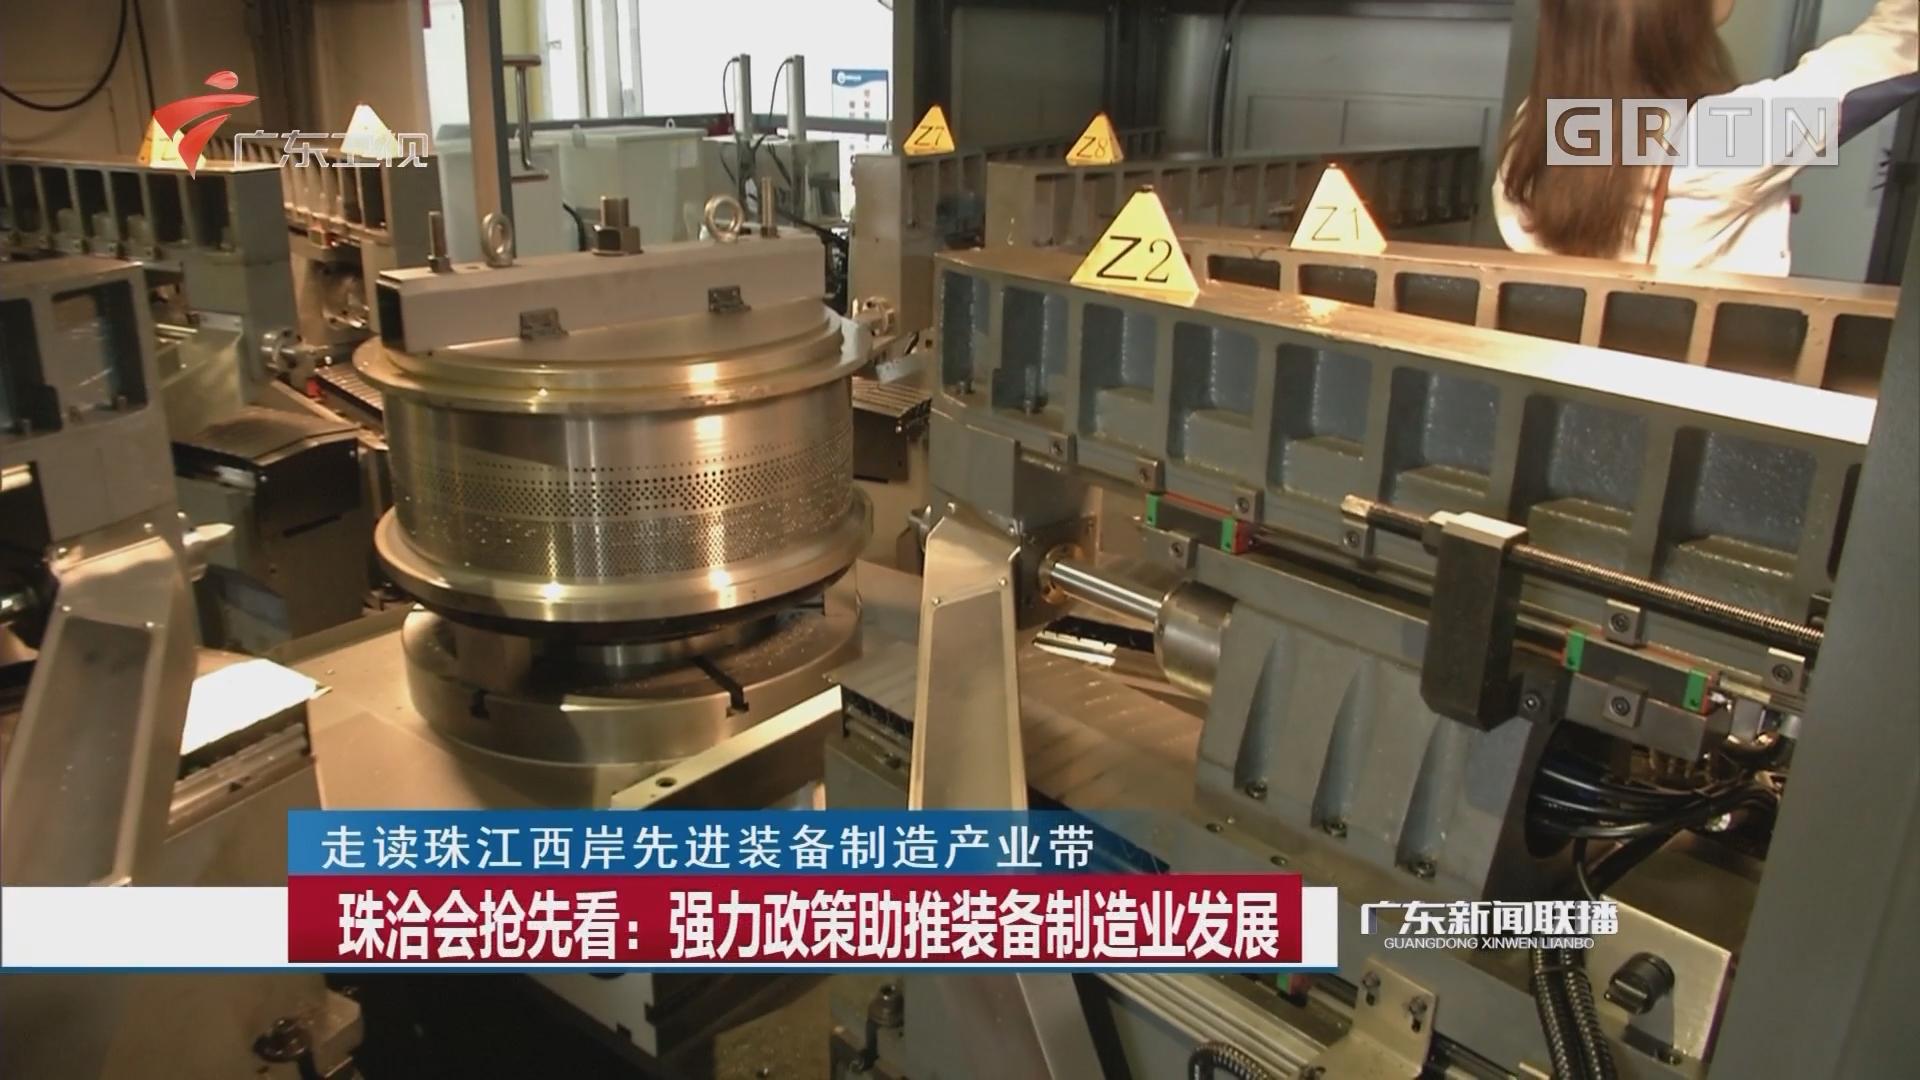 珠洽会抢先看:强力政策助推装备制造业发展